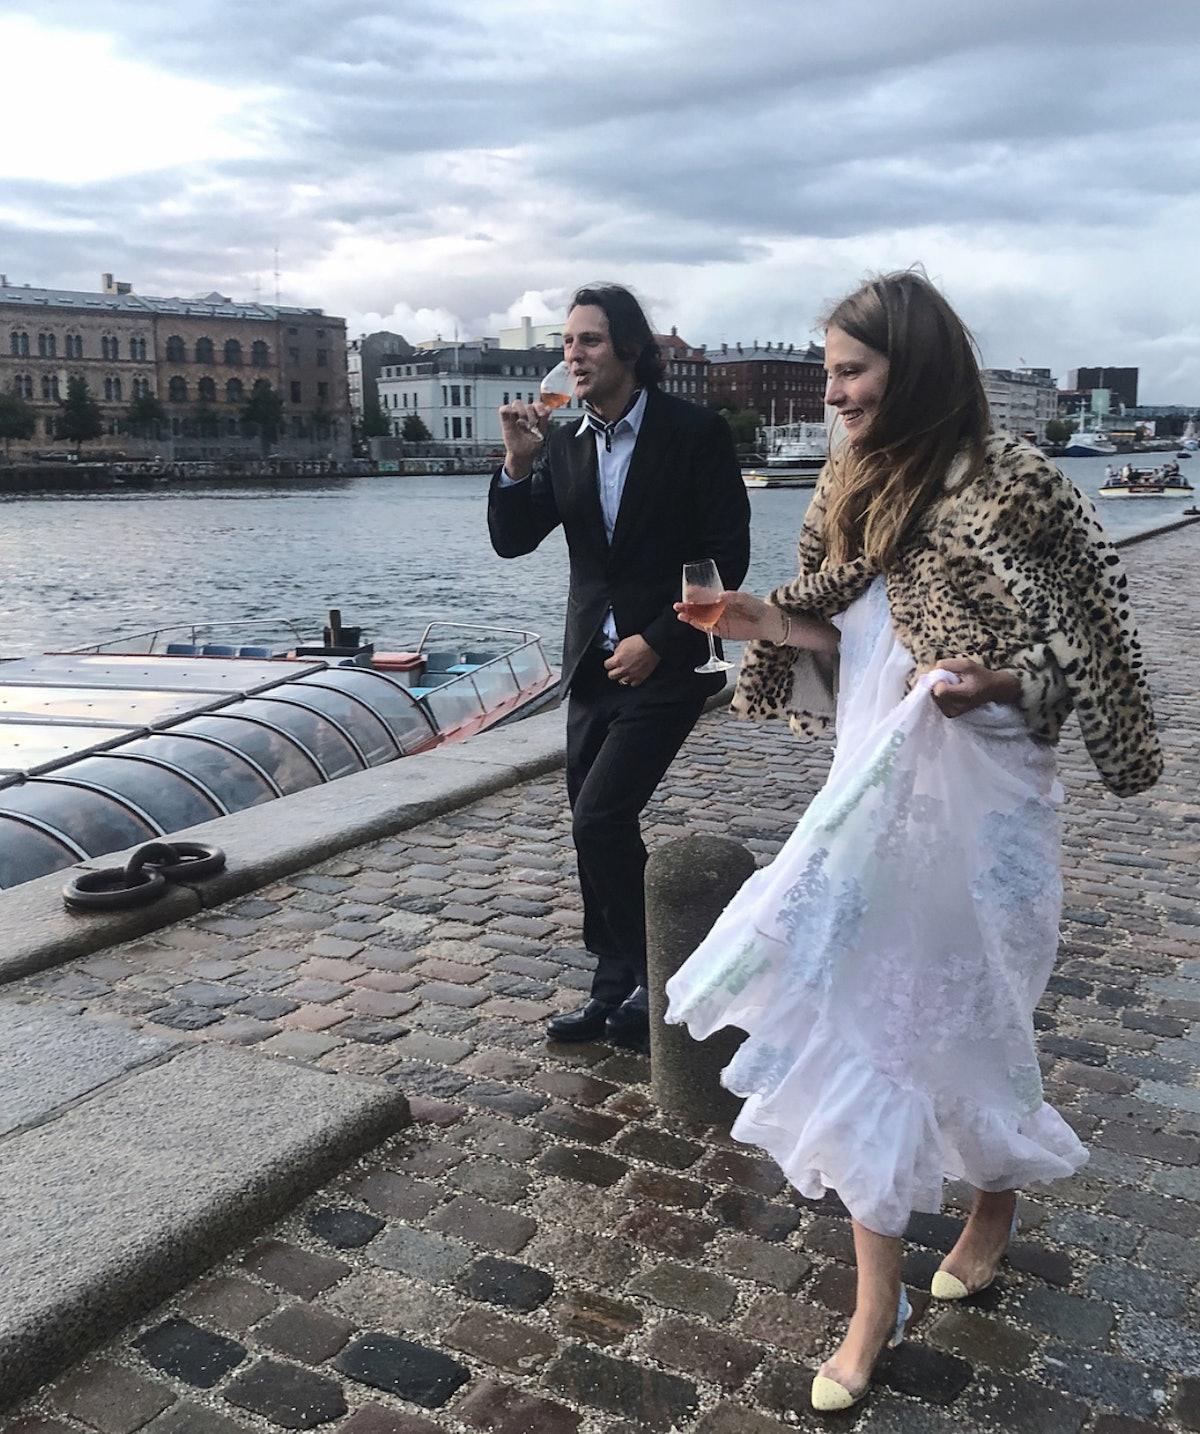 Caroline Brasch Nielsen wedding